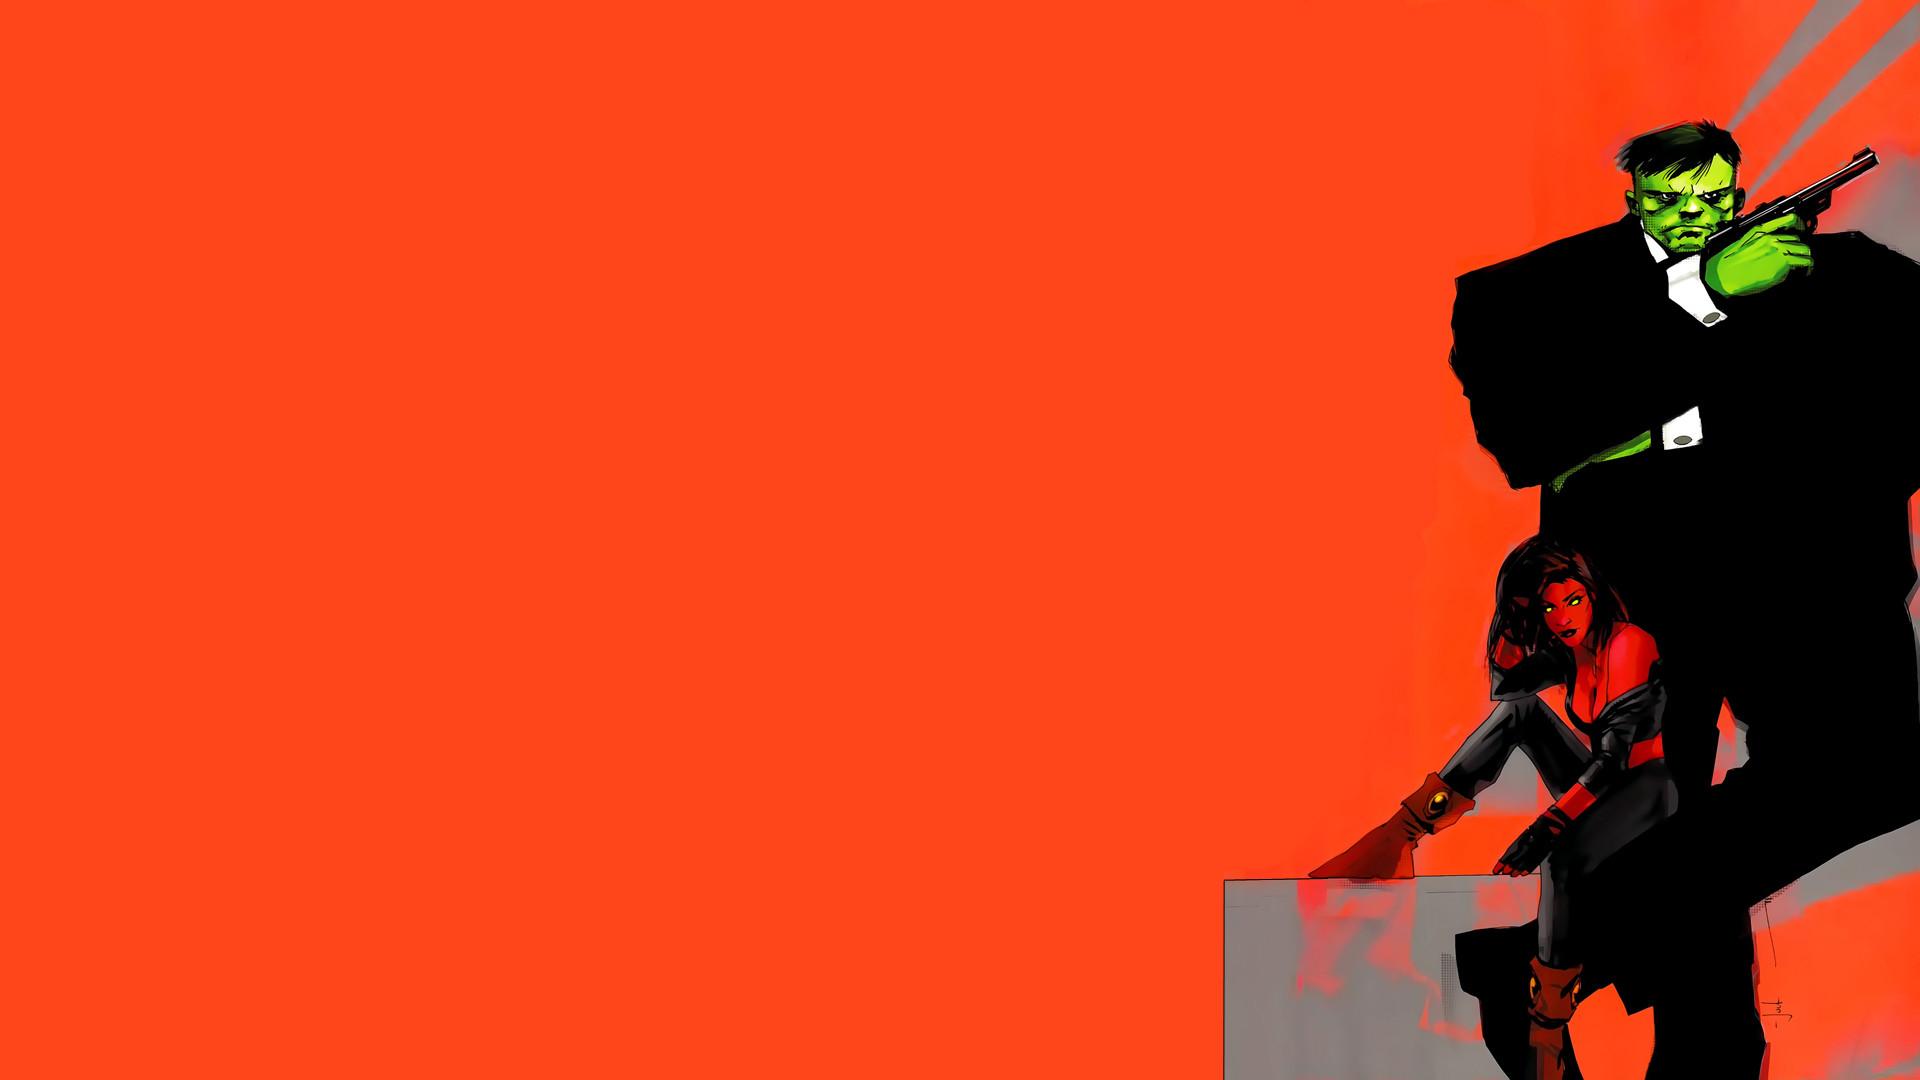 Res: 1920x1080, Red Hulk Wallpaper HD 20 - 1920 X 1080